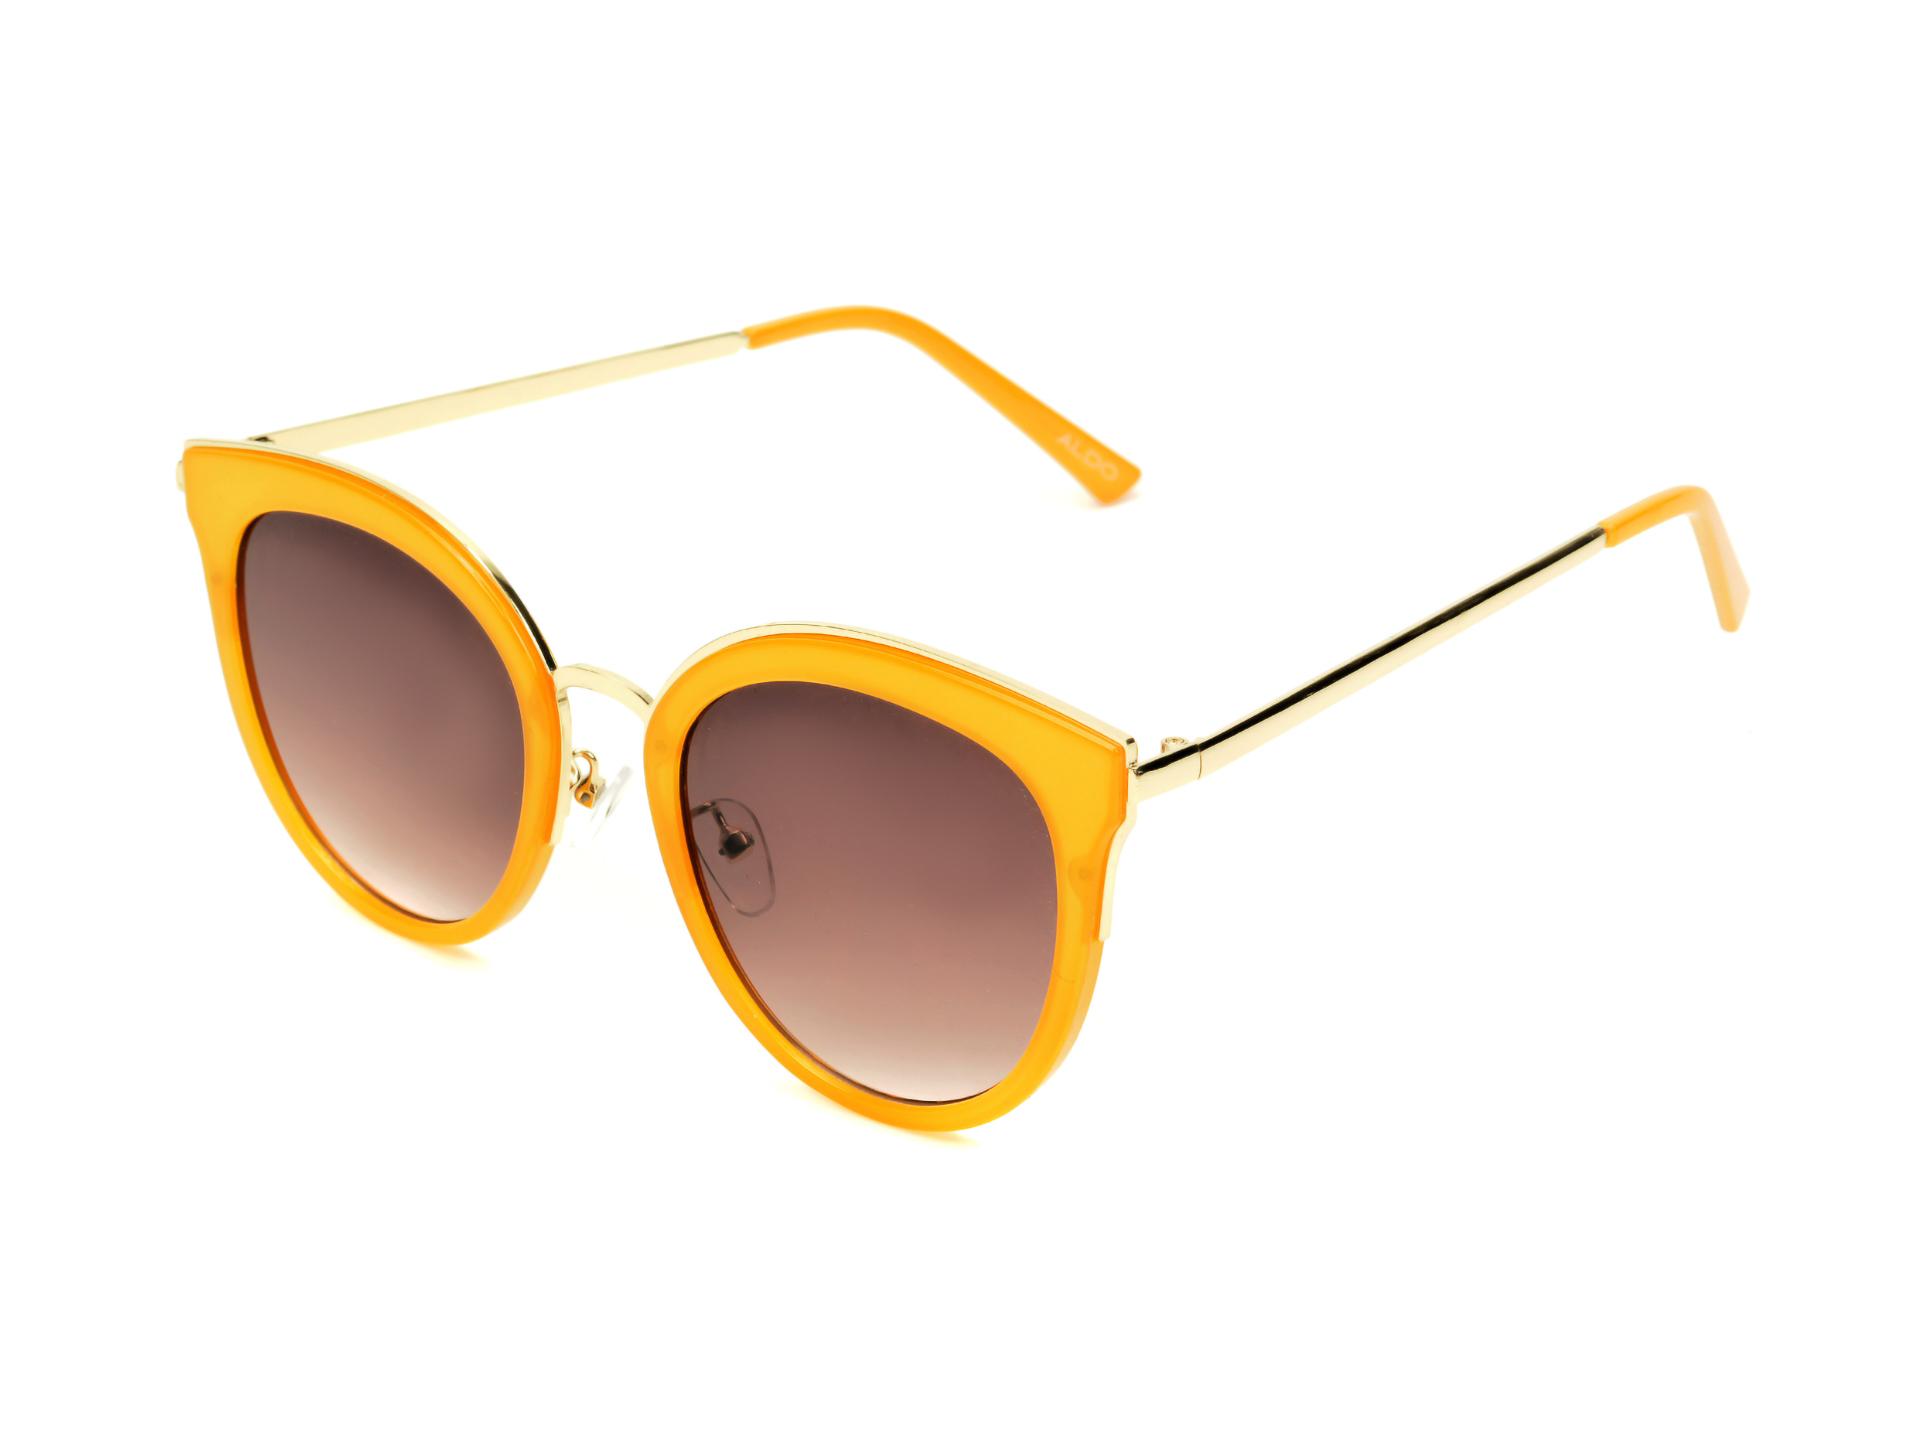 Ochelari de soare ALDO galbeni, Servaes701, din PVC imagine